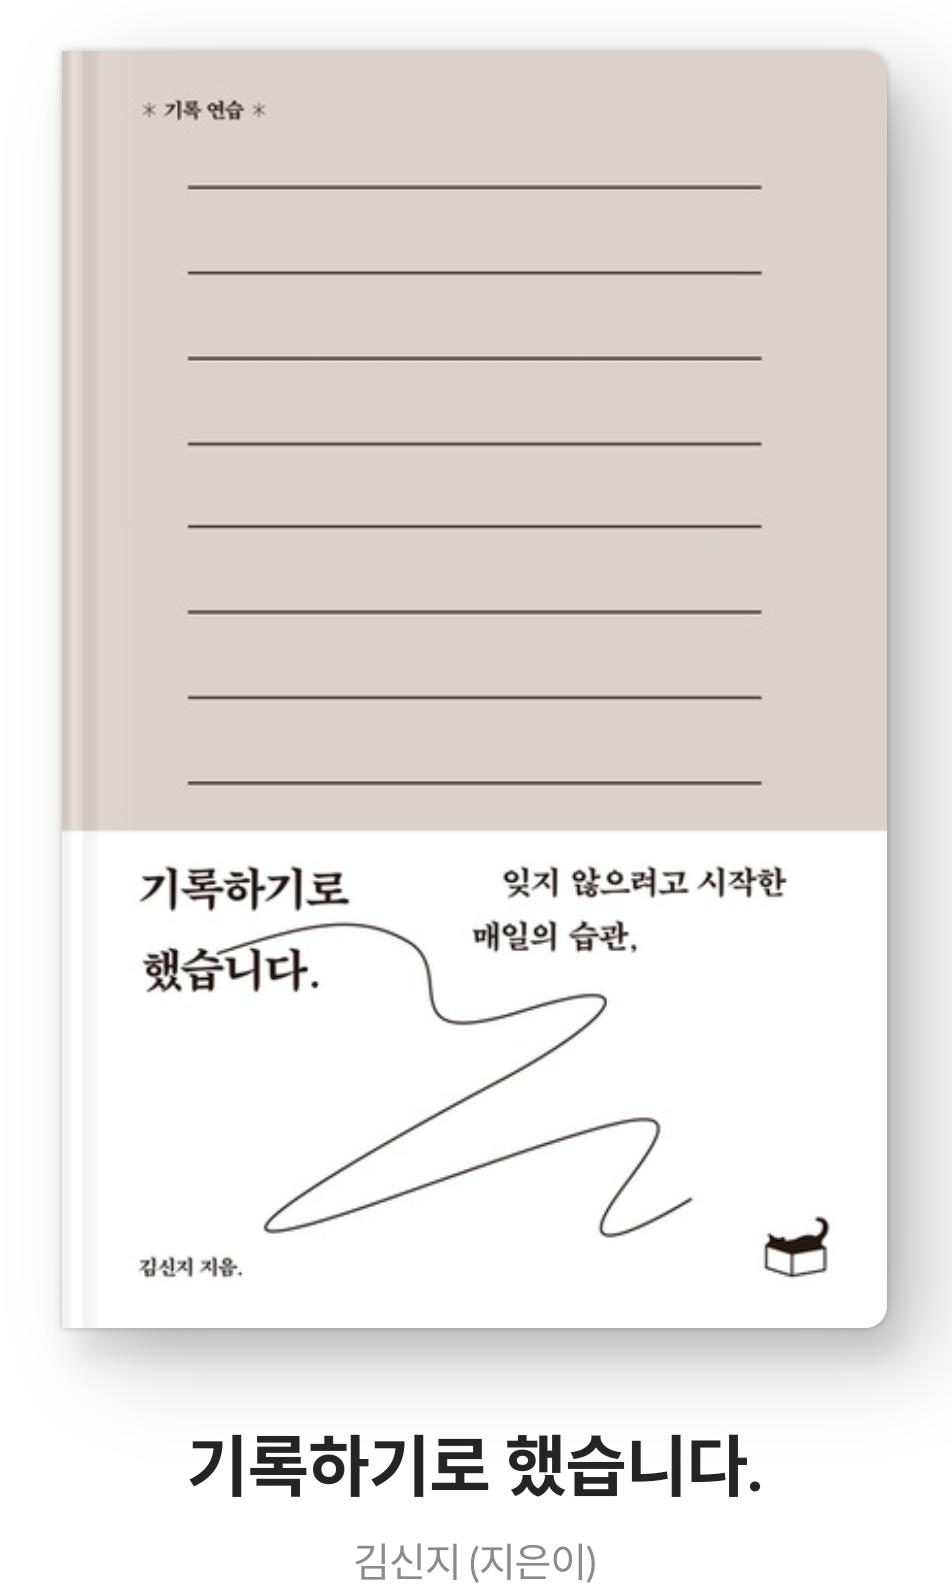 [책]기록하기로 했습니다, 김신지